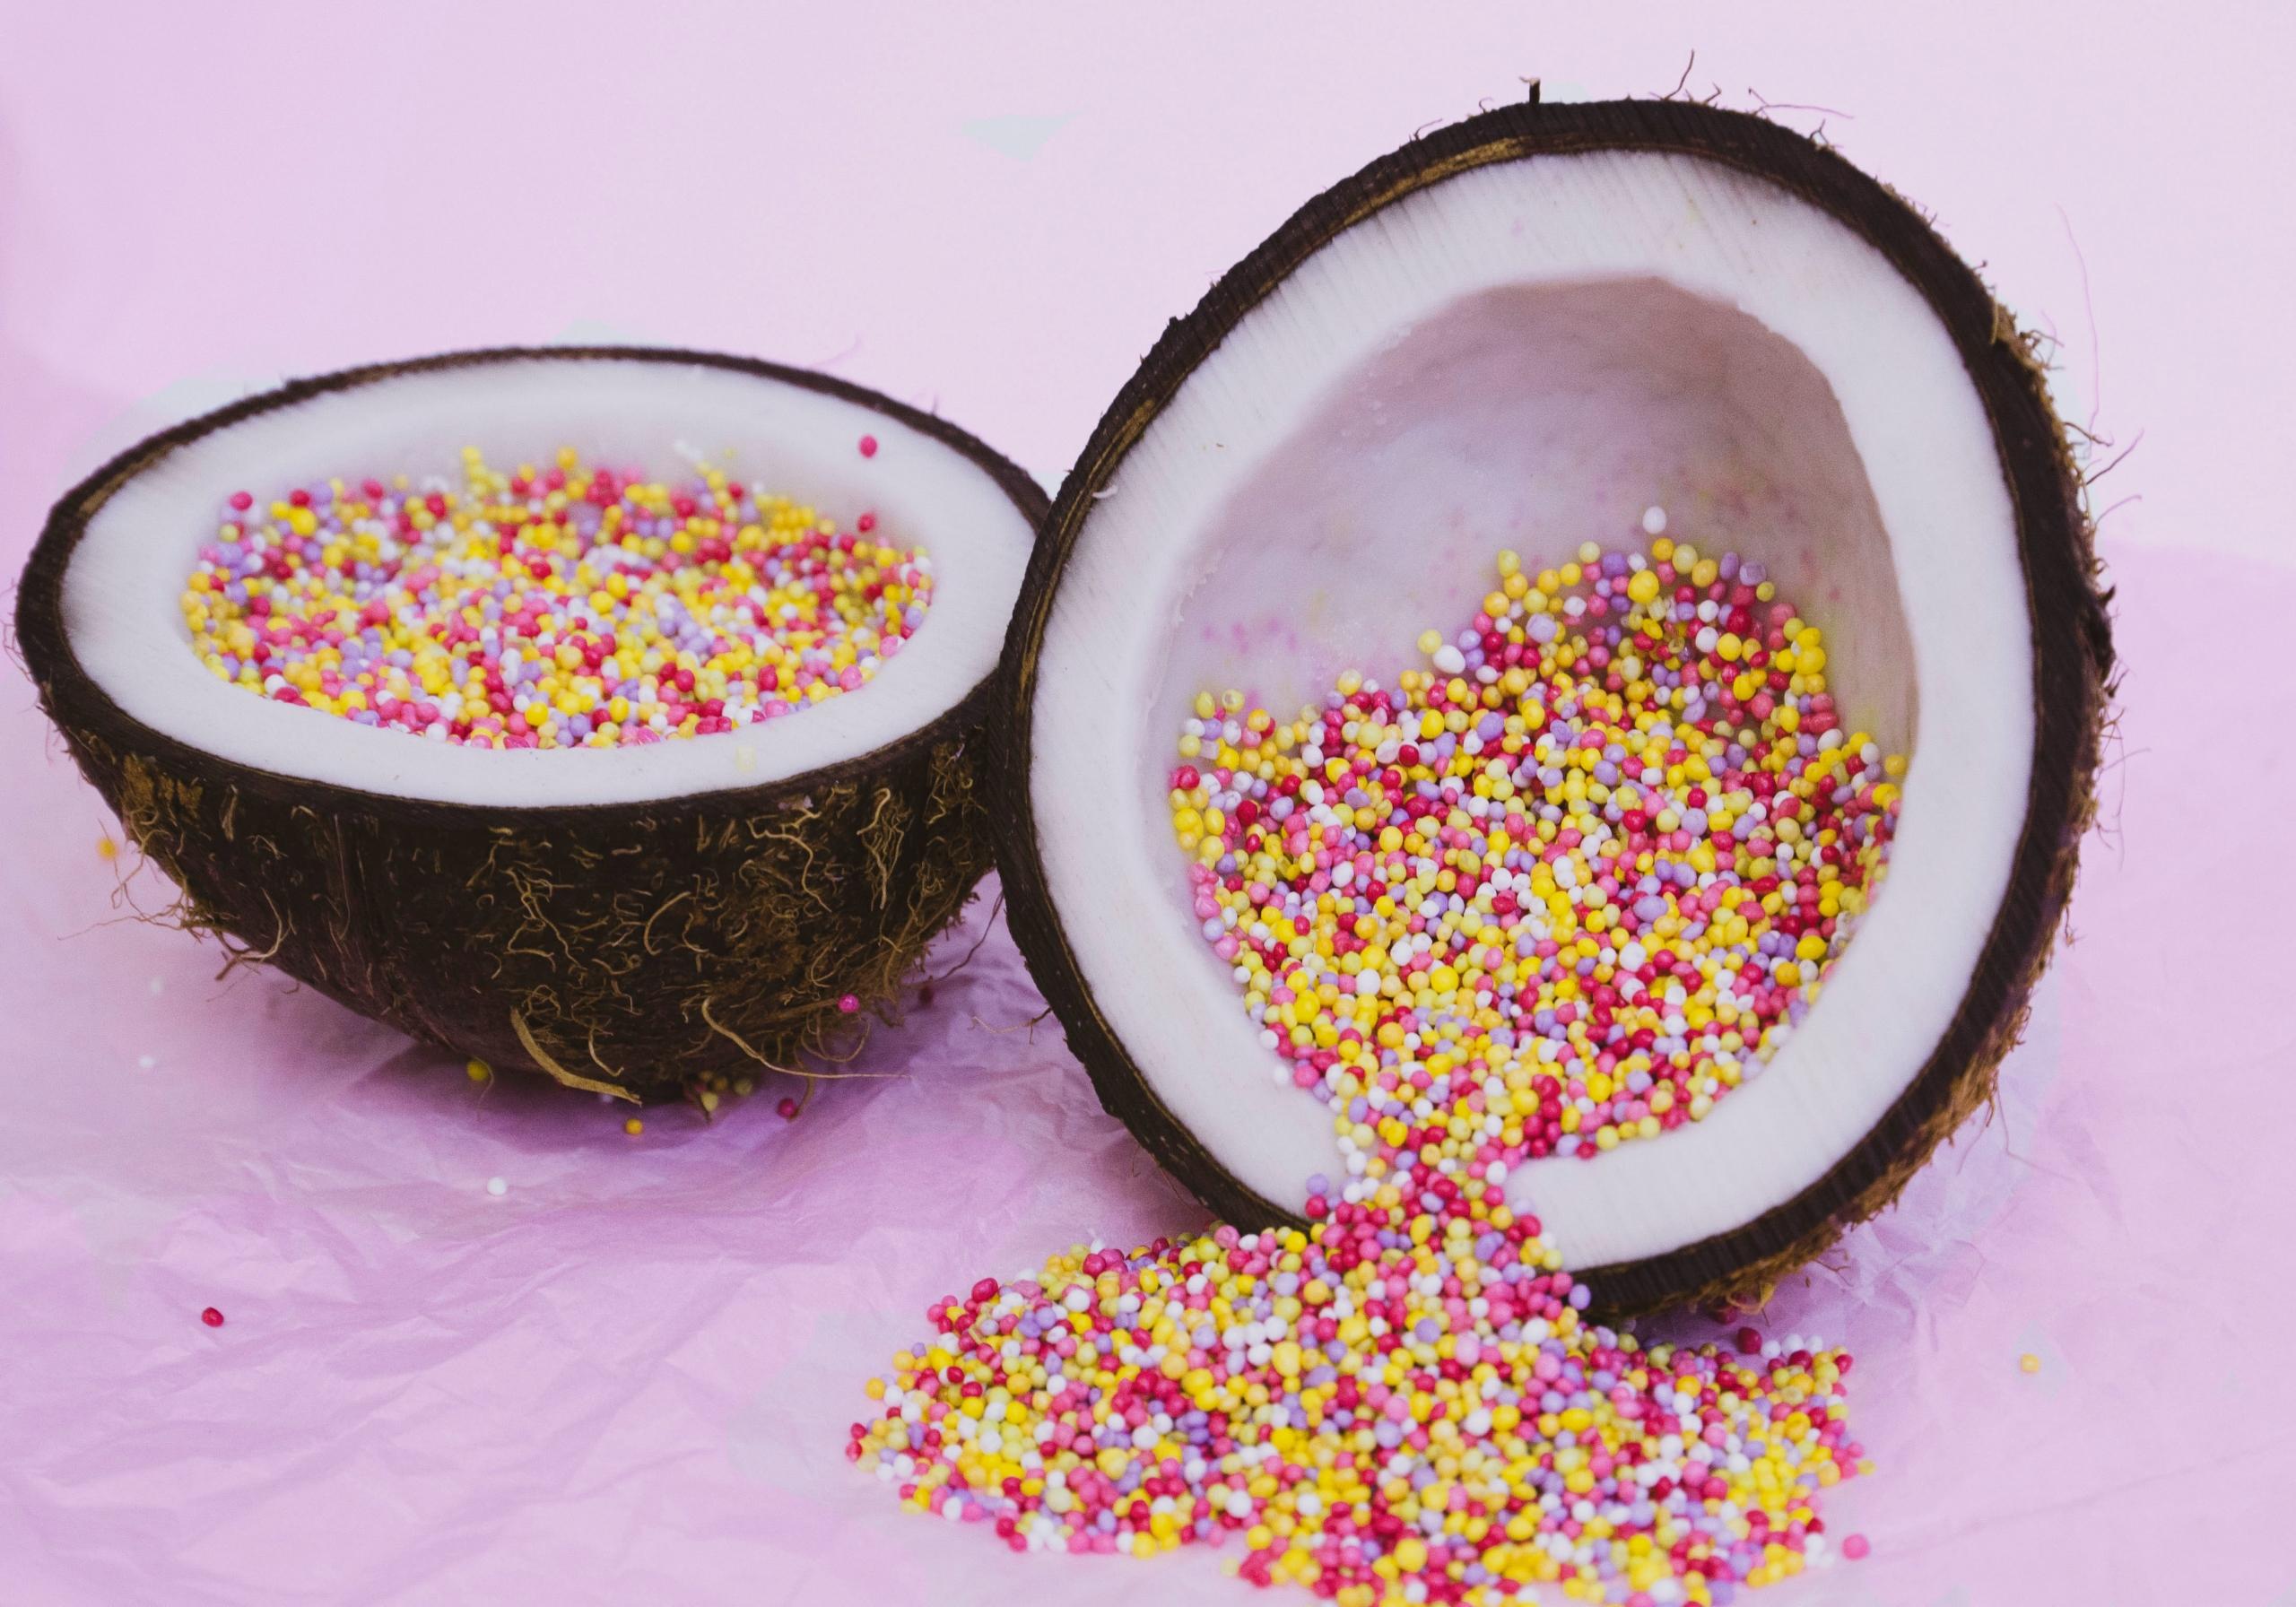 Fruta deshidratada.  Dulce, deliciosa y divertida, no es sinónimo de exceso de azúcar